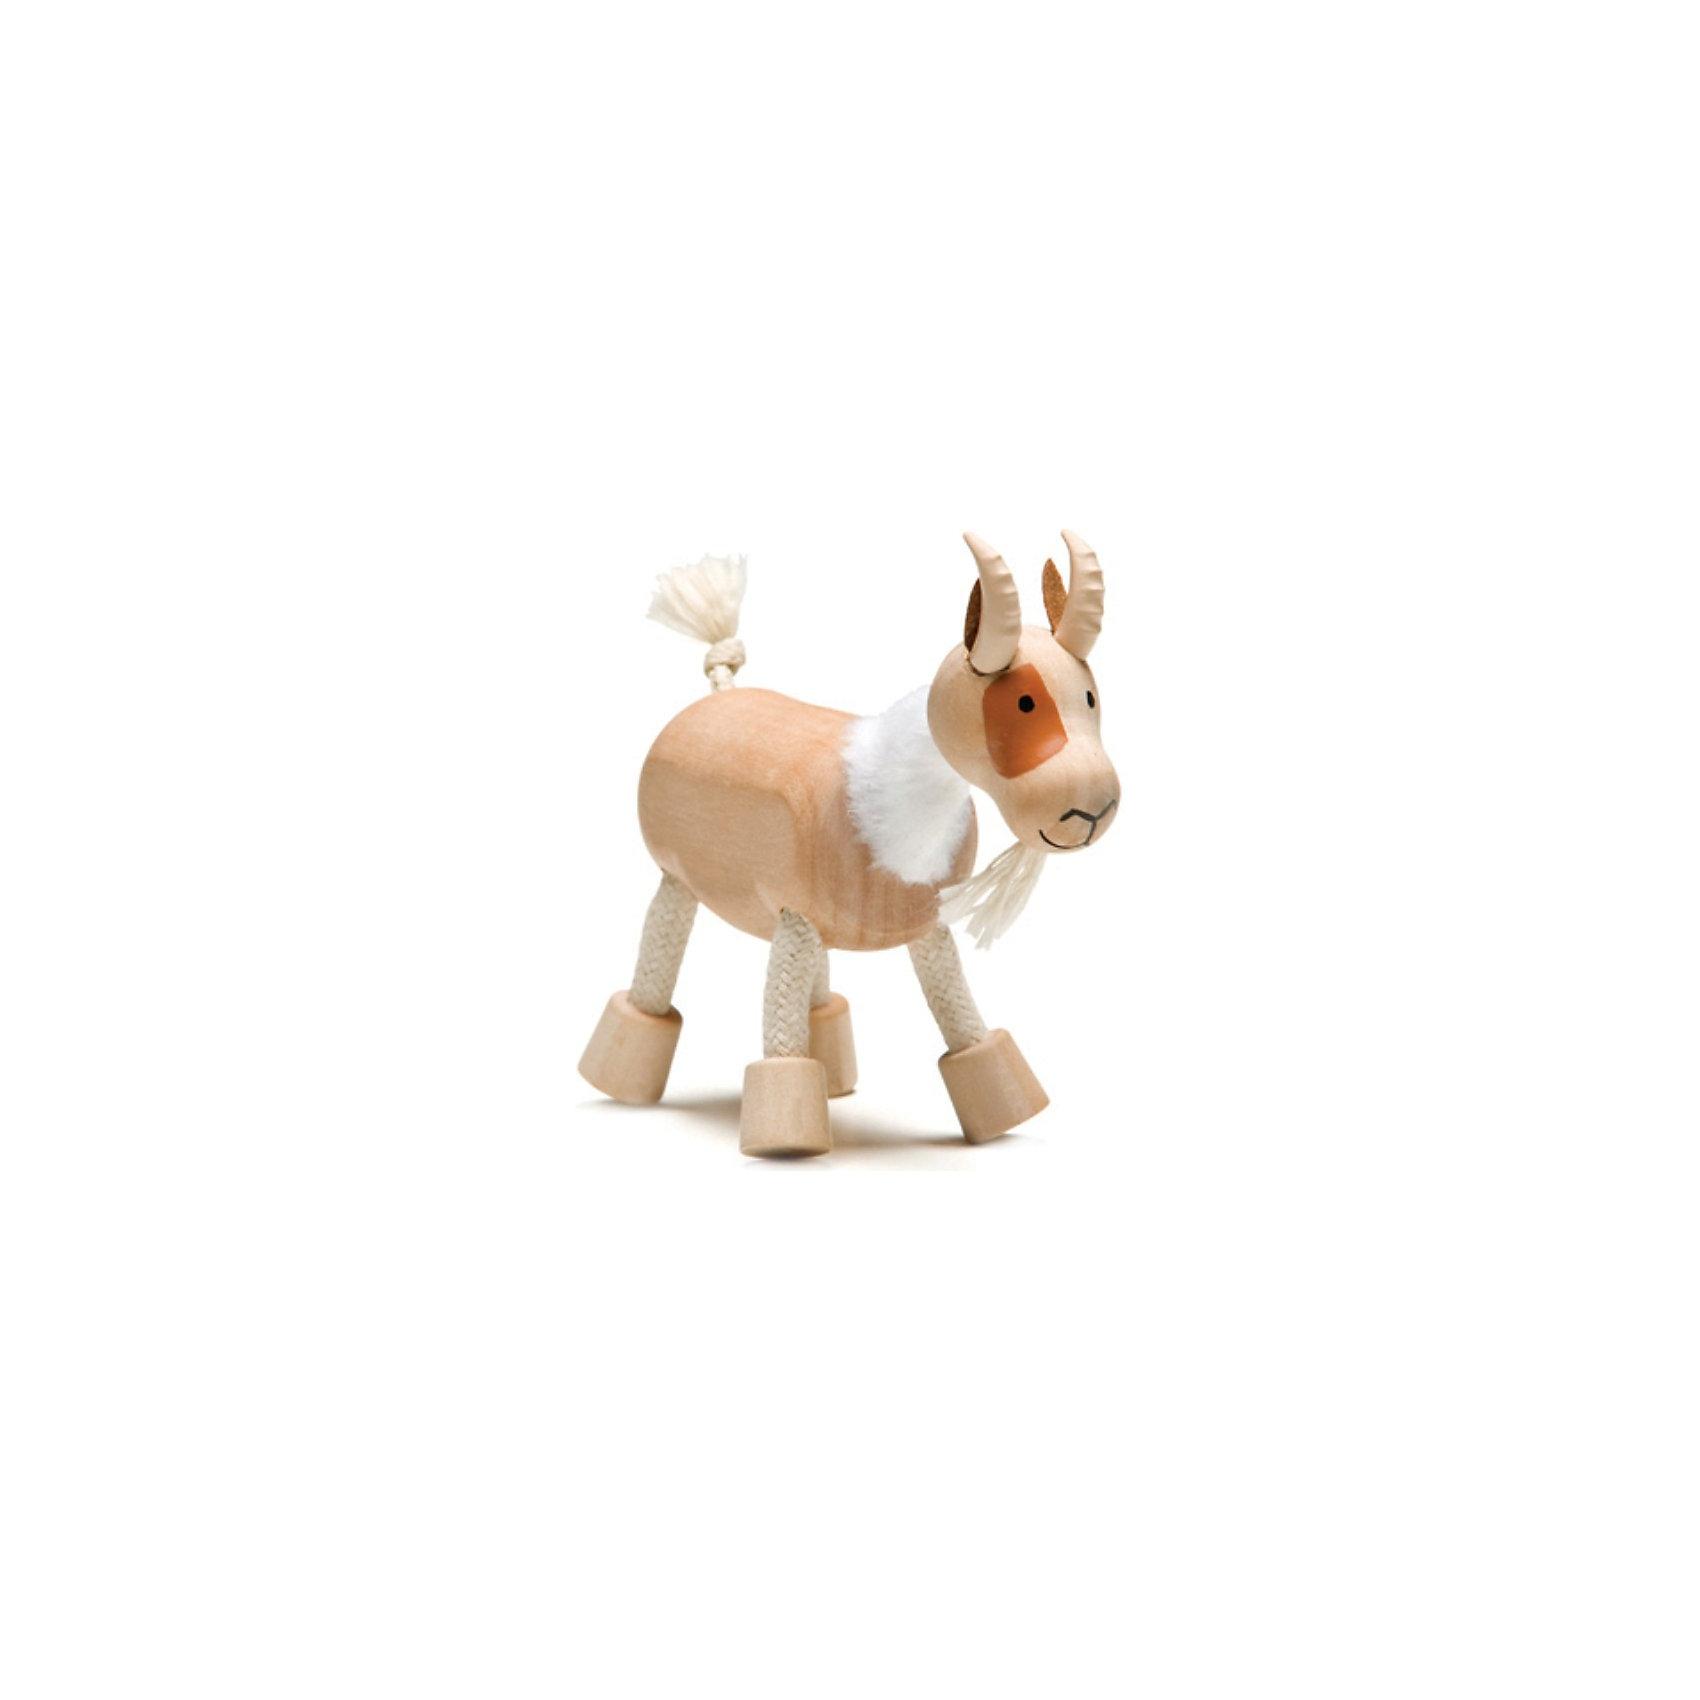 Козлик, AnaMalzМир животных<br>AnaMalz – самые милые деревянные игрушки на свете!<br><br>Придуманные австралийским дизайнером Луизой Косан-Скотт,<br>игрушки AnaMalz завоевали более 15 отраслевых наград, включая Австралийскую международную награду в области дизайна, присуждаемую организацией Standards Australia.<br>- Игрушки AnaMalz предназначены для детей от 3 лет<br><br>- AnaMalz изготовлены из дерева, называемого schima superba или «игольчатое дерево» (быстрорастущее дерево, выращиваемое на лесных плантациях)<br><br>- Рога изготовлены из термопластичной резины (TPR) – материала, одобренного Управлением по контролю качества пищевых продуктов и медикаментов (FDA). Смесь TPR с древесной мукой является экологичной альтернативой пластмассе<br><br>- Все игрушки AnaMalz раскрашиваются вручную с использованием безопасной для детей краски и клея без содержания формальдегида<br><br>- Древесные отходы от производства AnaMalz используются на ферме для выращивания грибов<br><br>AnaMalz завоевали популярность во всем мире. Они стали участниками телевизионных шоу TODAY, шоу Марты Стюарт, Daily Candy Kids и USA Today Weekend. <br><br>Наши маленькие деревянные друзья покорили сердца самых строгих критиков отрасли – и получили множество «игрушечных» наград!<br><br>Ширина мм: 90<br>Глубина мм: 40<br>Высота мм: 90<br>Вес г: 50<br>Возраст от месяцев: 36<br>Возраст до месяцев: 168<br>Пол: Унисекс<br>Возраст: Детский<br>SKU: 3858518